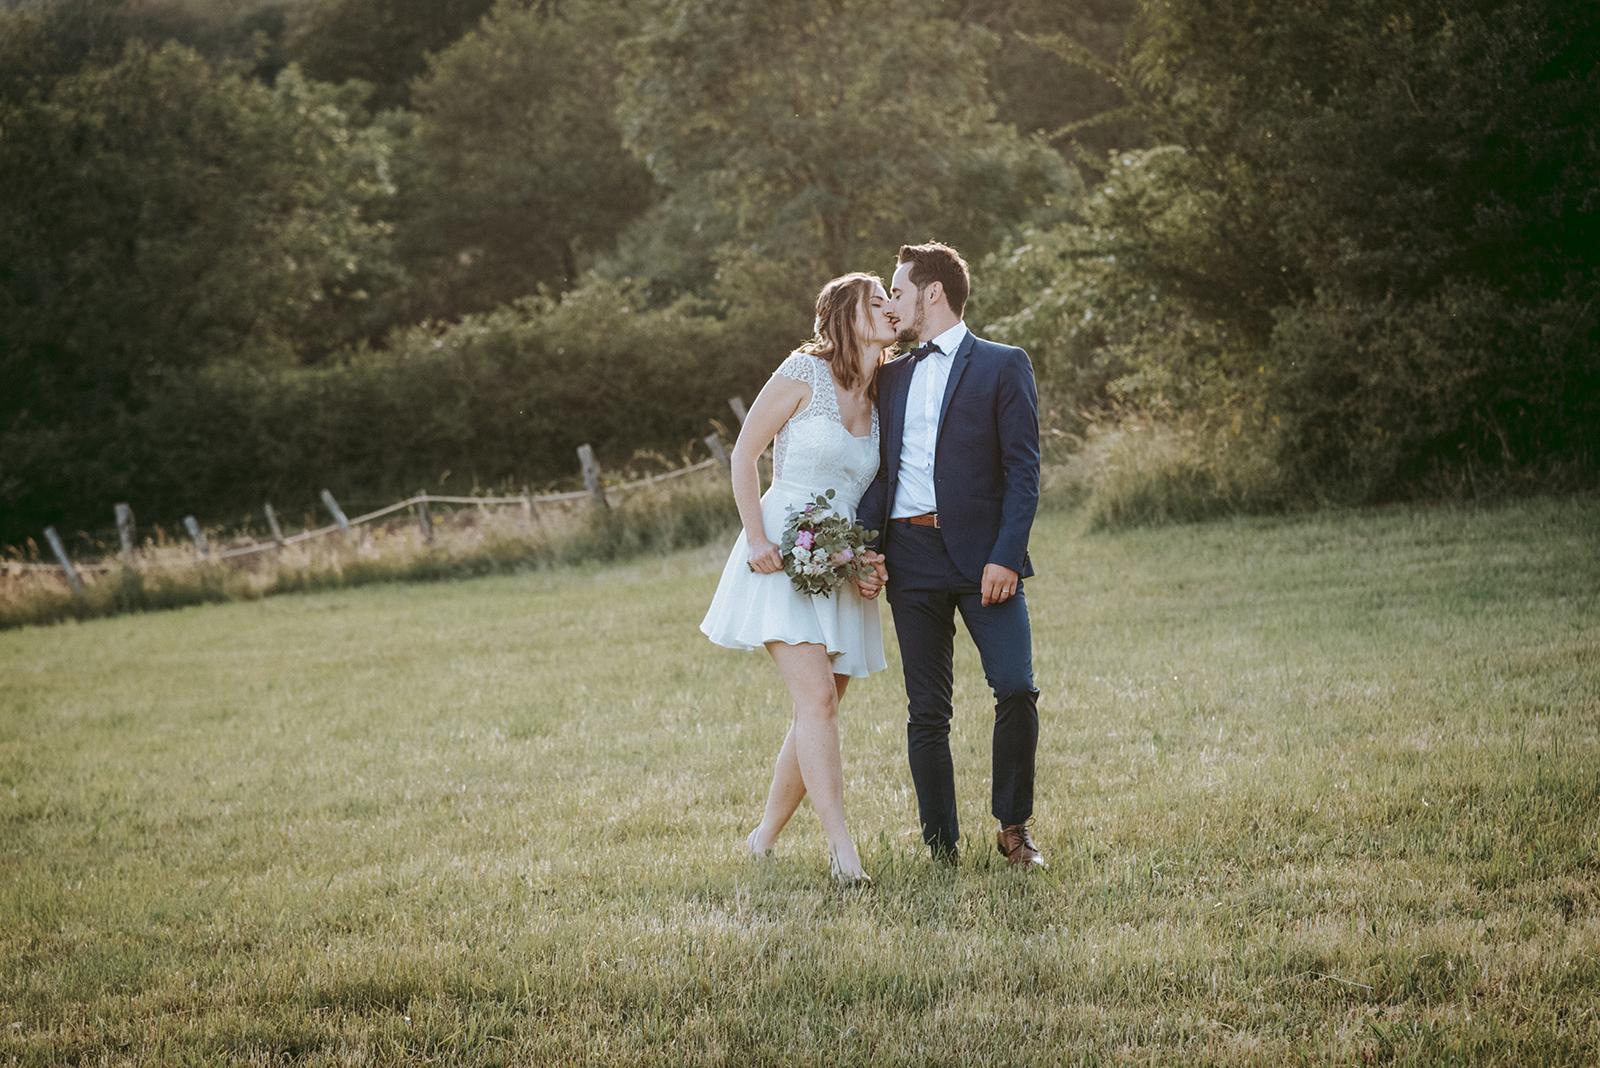 mariés qui marchent en s'embrassant